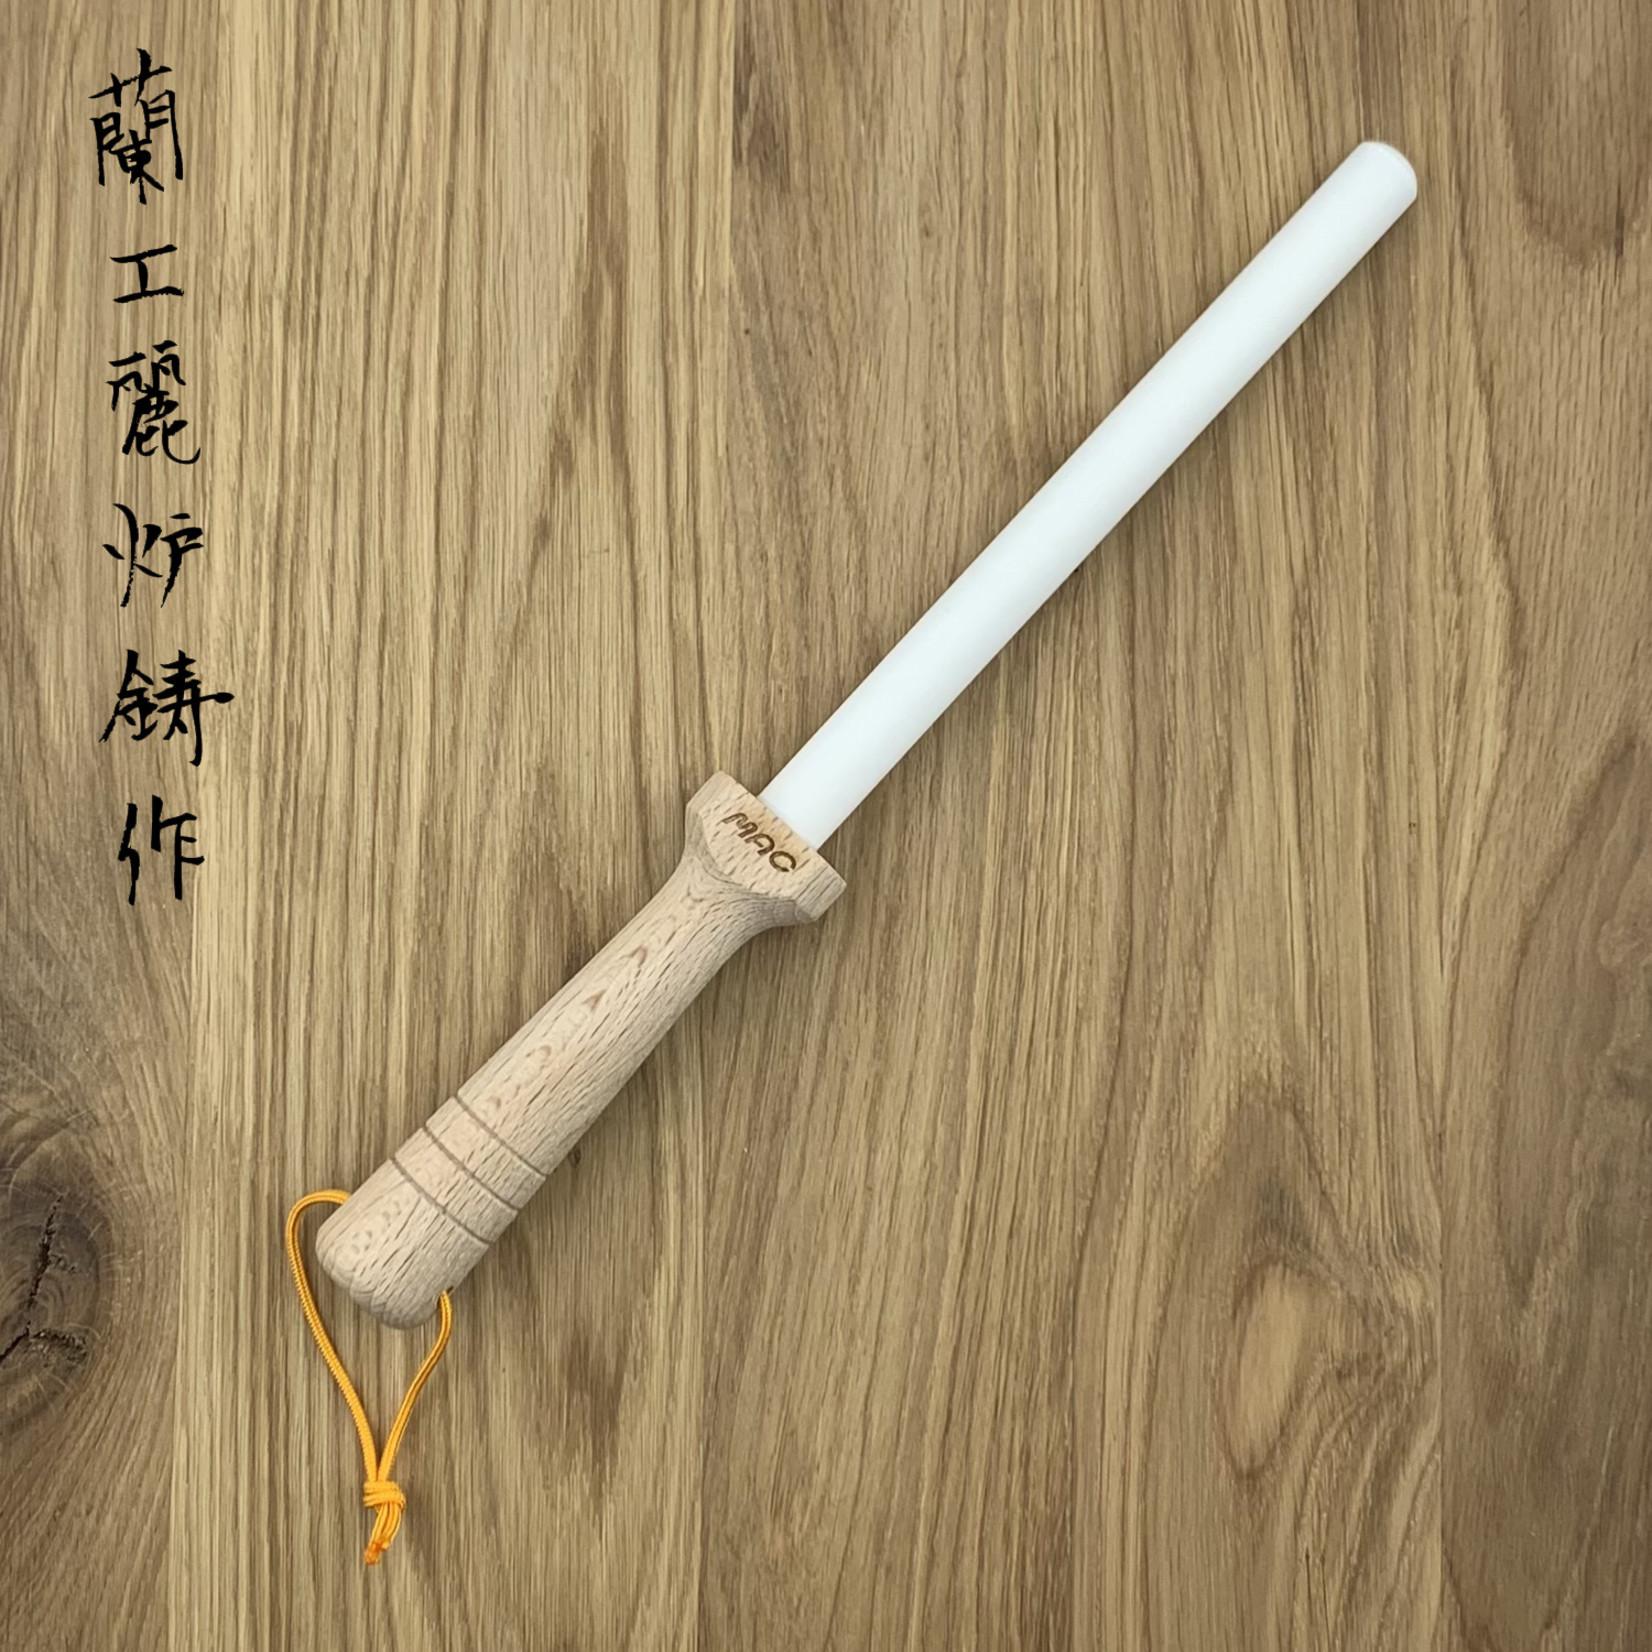 MAC Sharpening rod SR 65